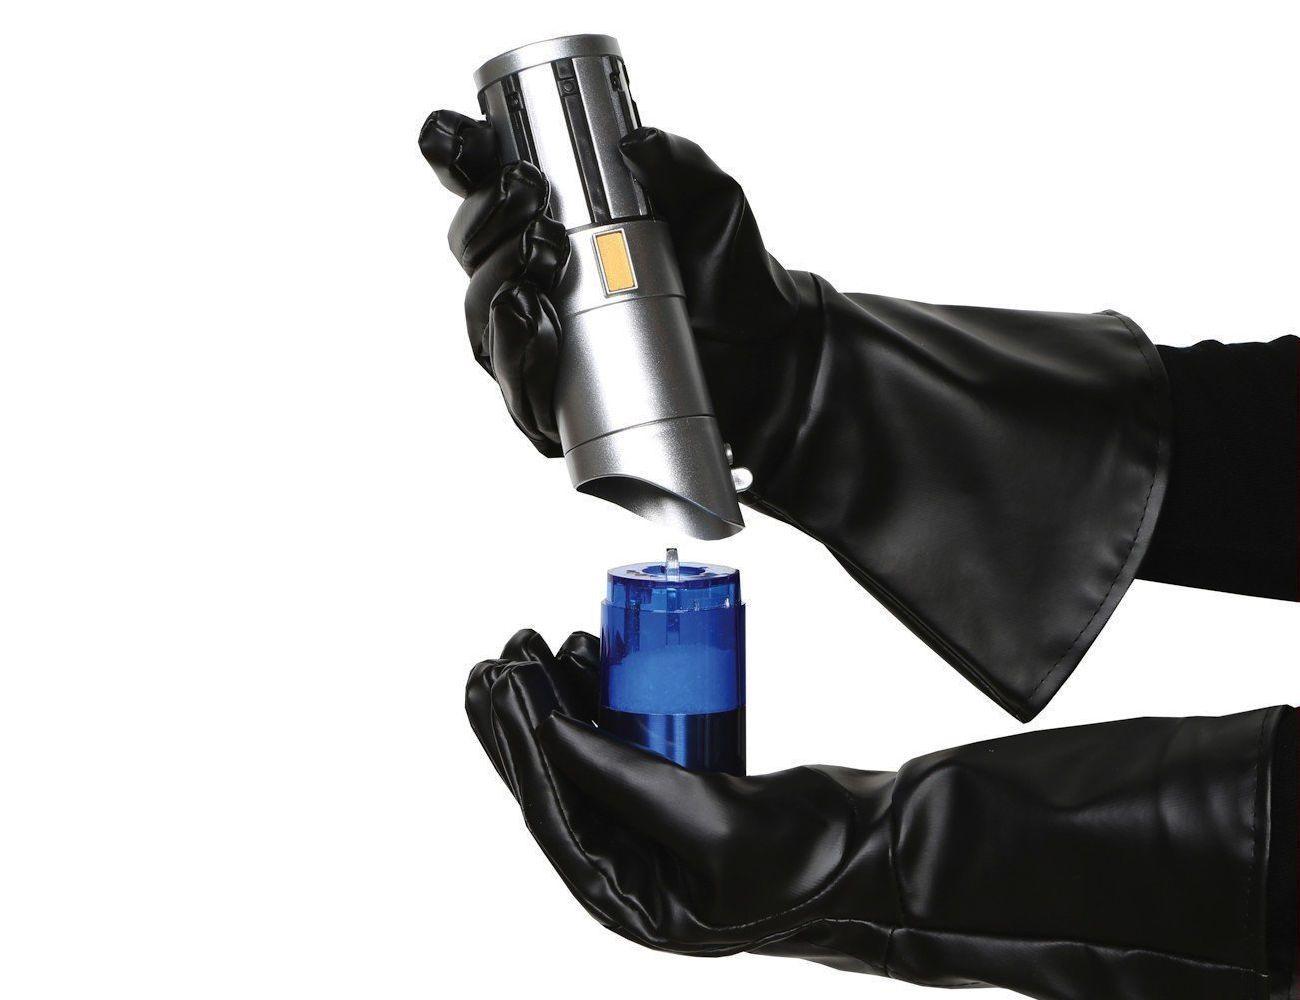 Star Wars Lightsaber Salt & Pepper Shakers